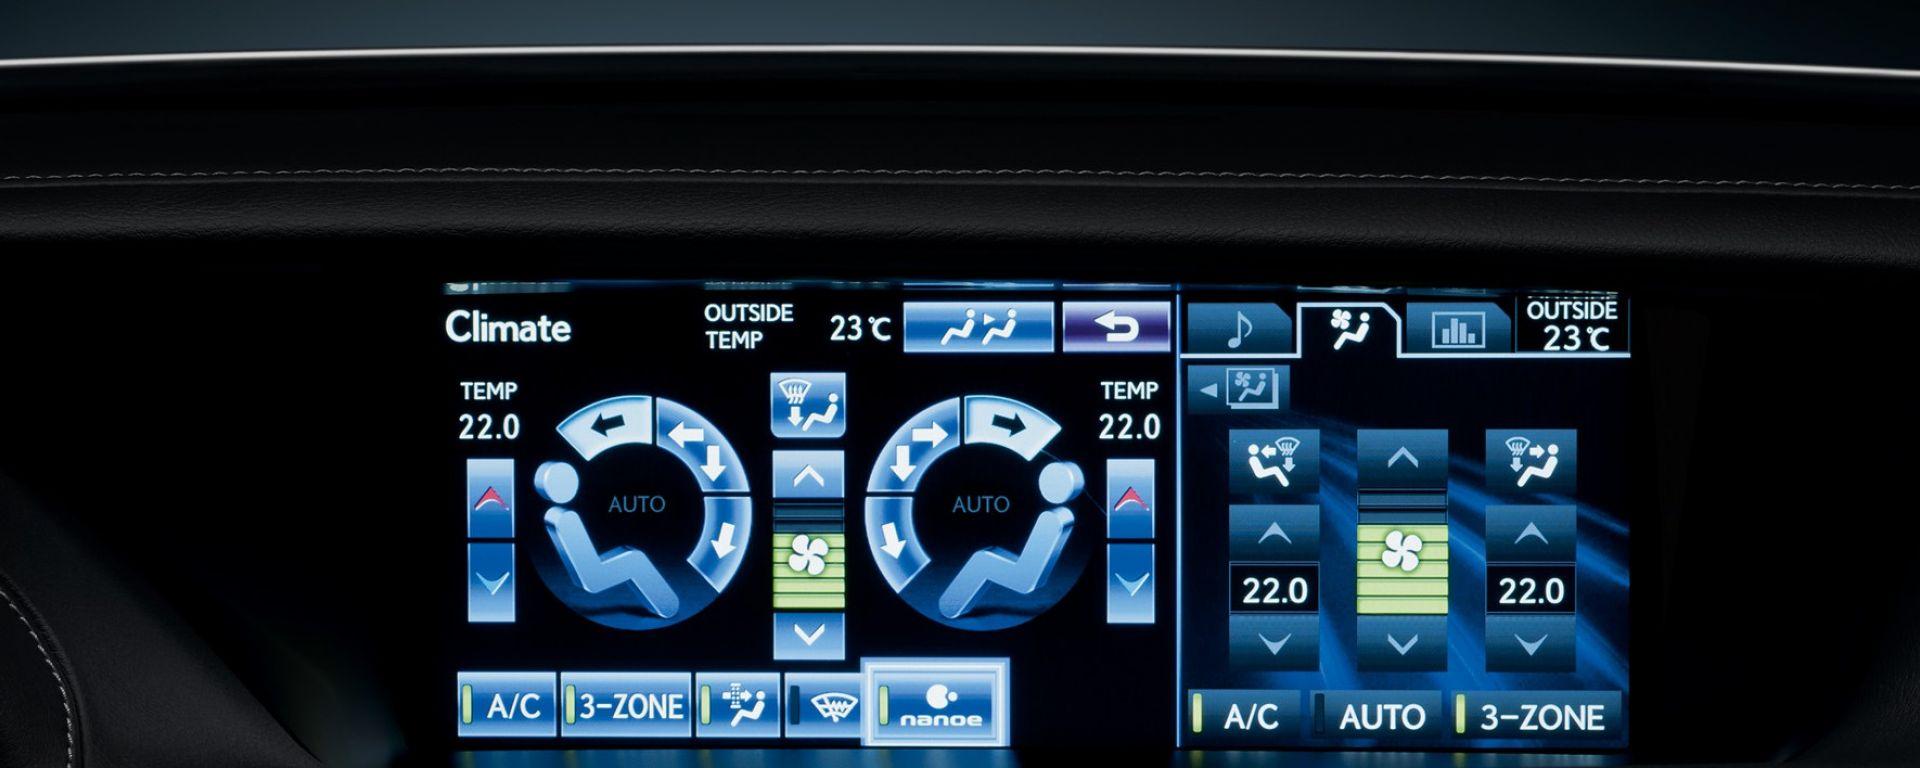 Lexus S -Flow: una ventata di novità